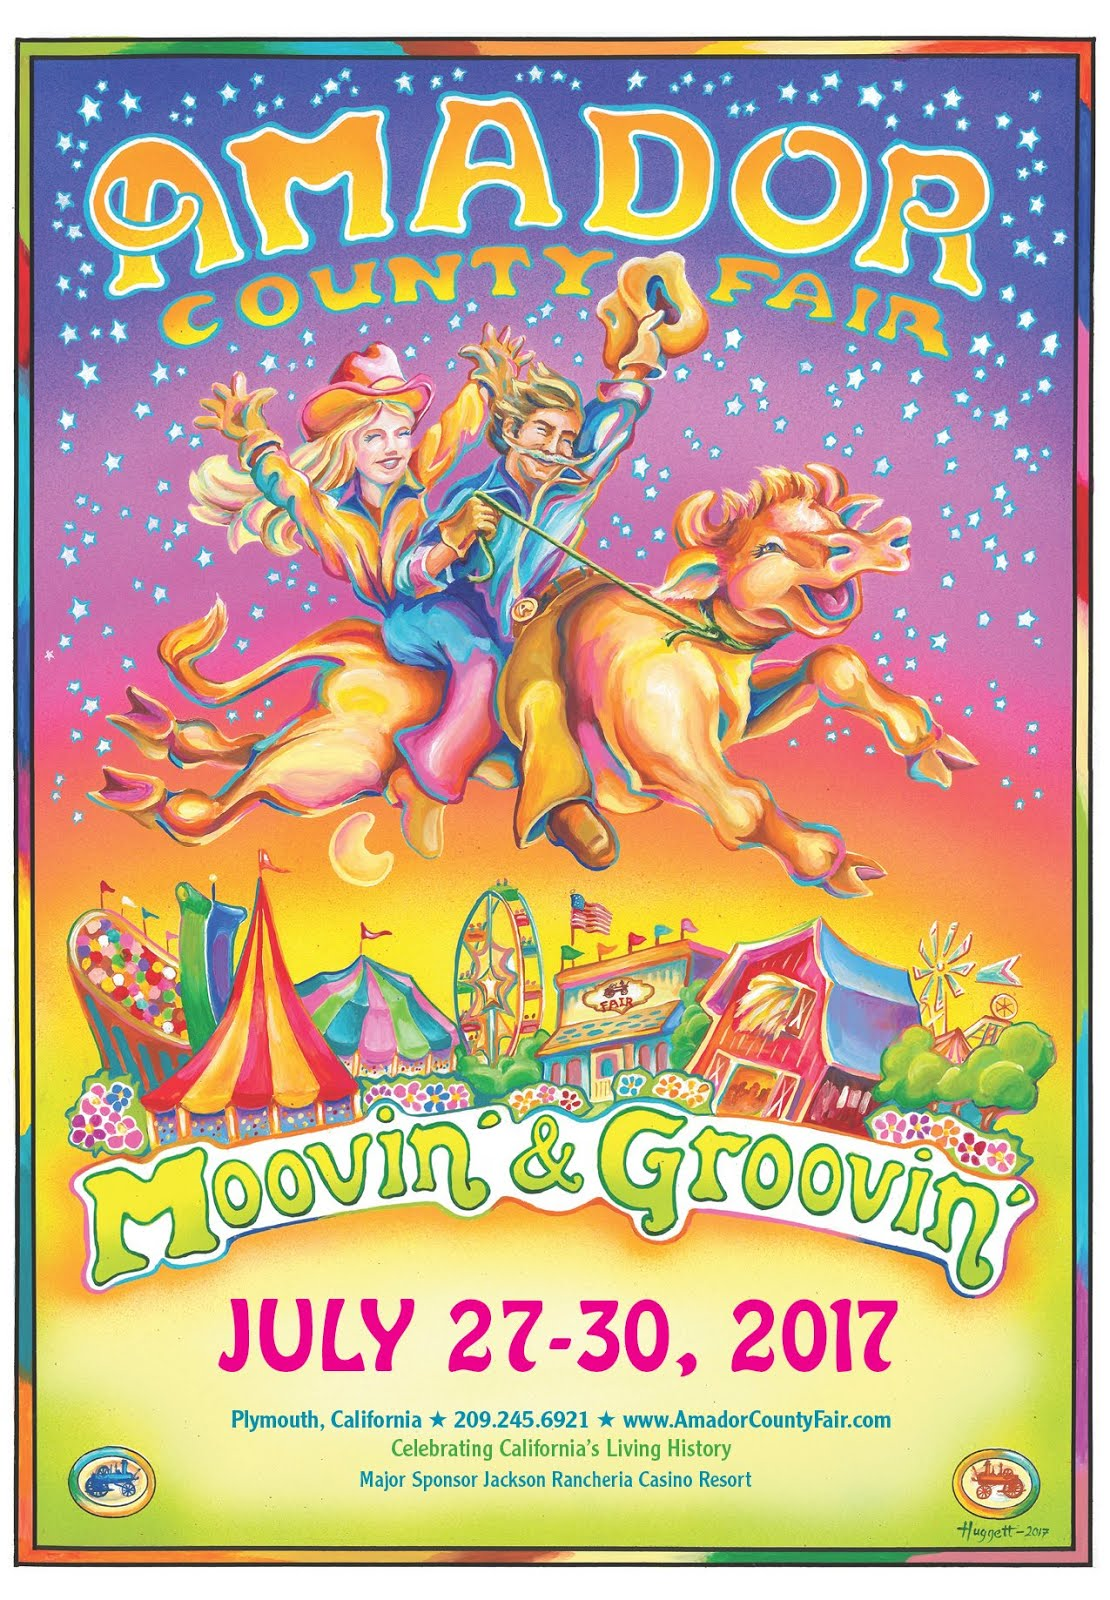 Amador County Fair ~ July 27-30